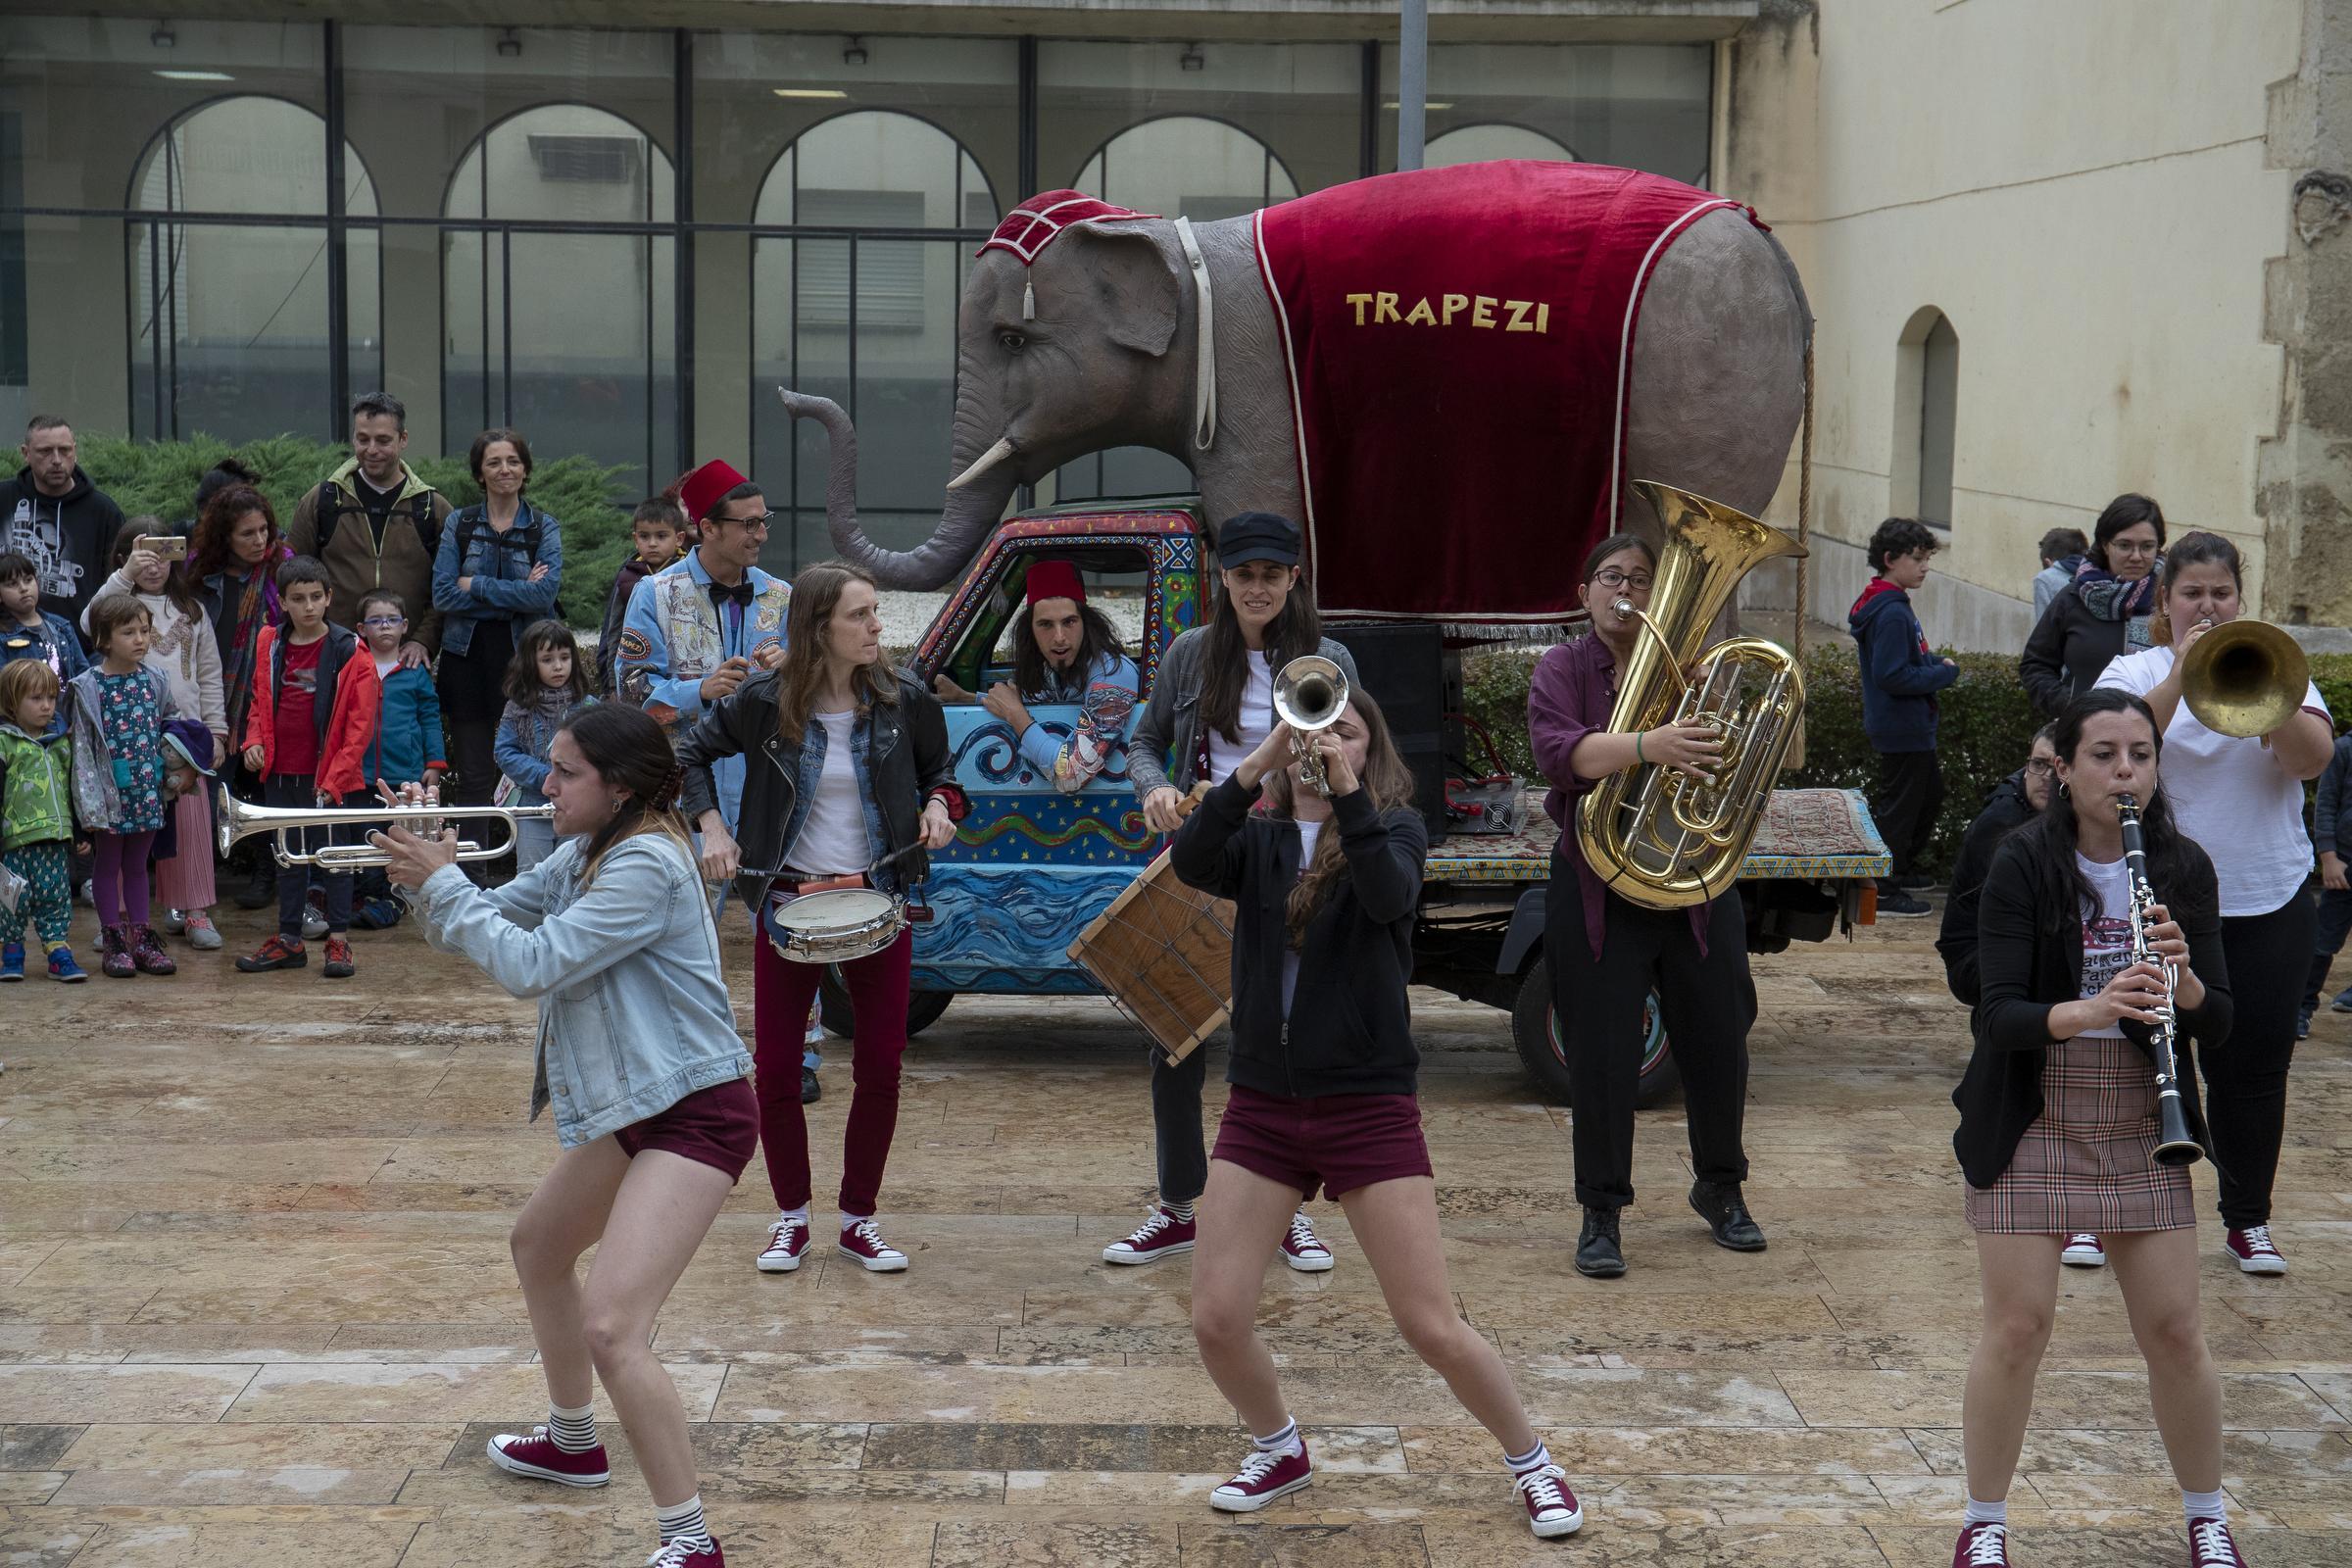 Trapezi 2019 · Itinerant